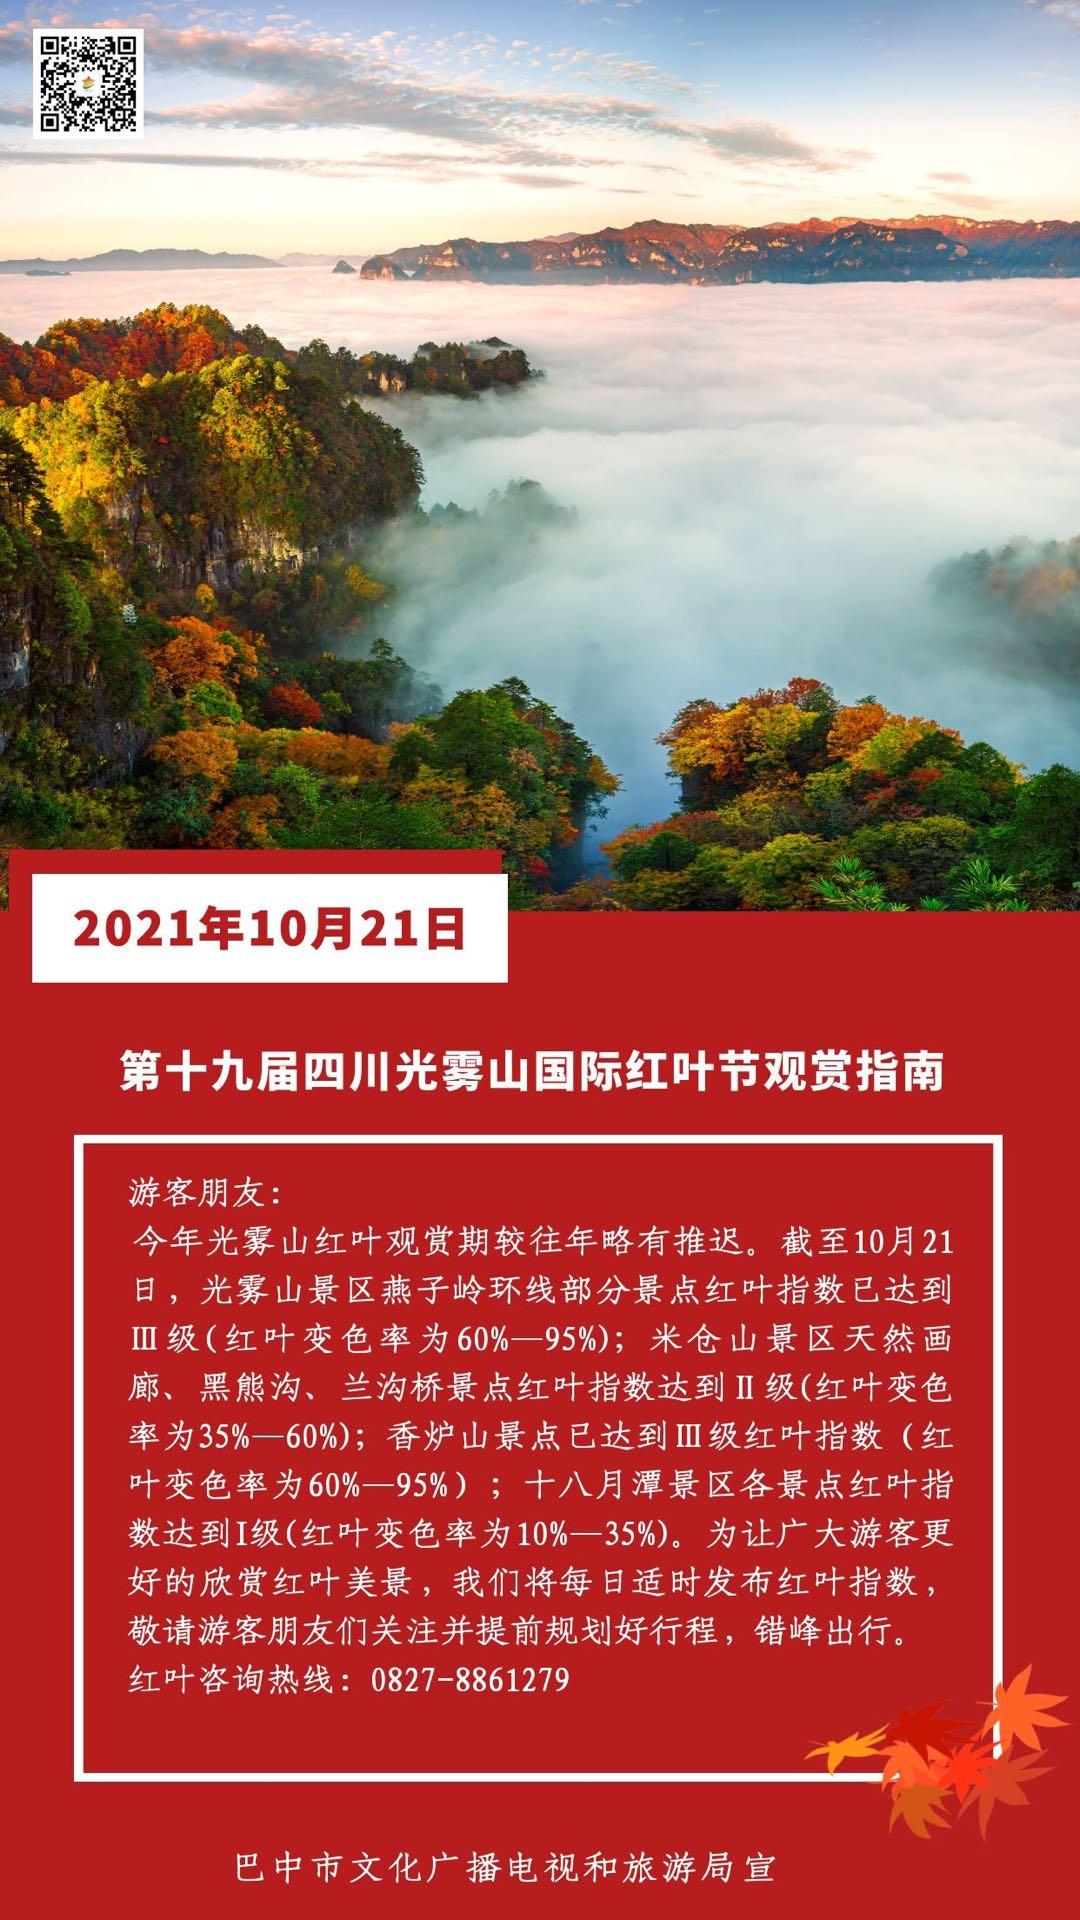 第十九届四川光雾山国际红叶节丨今日红叶指数